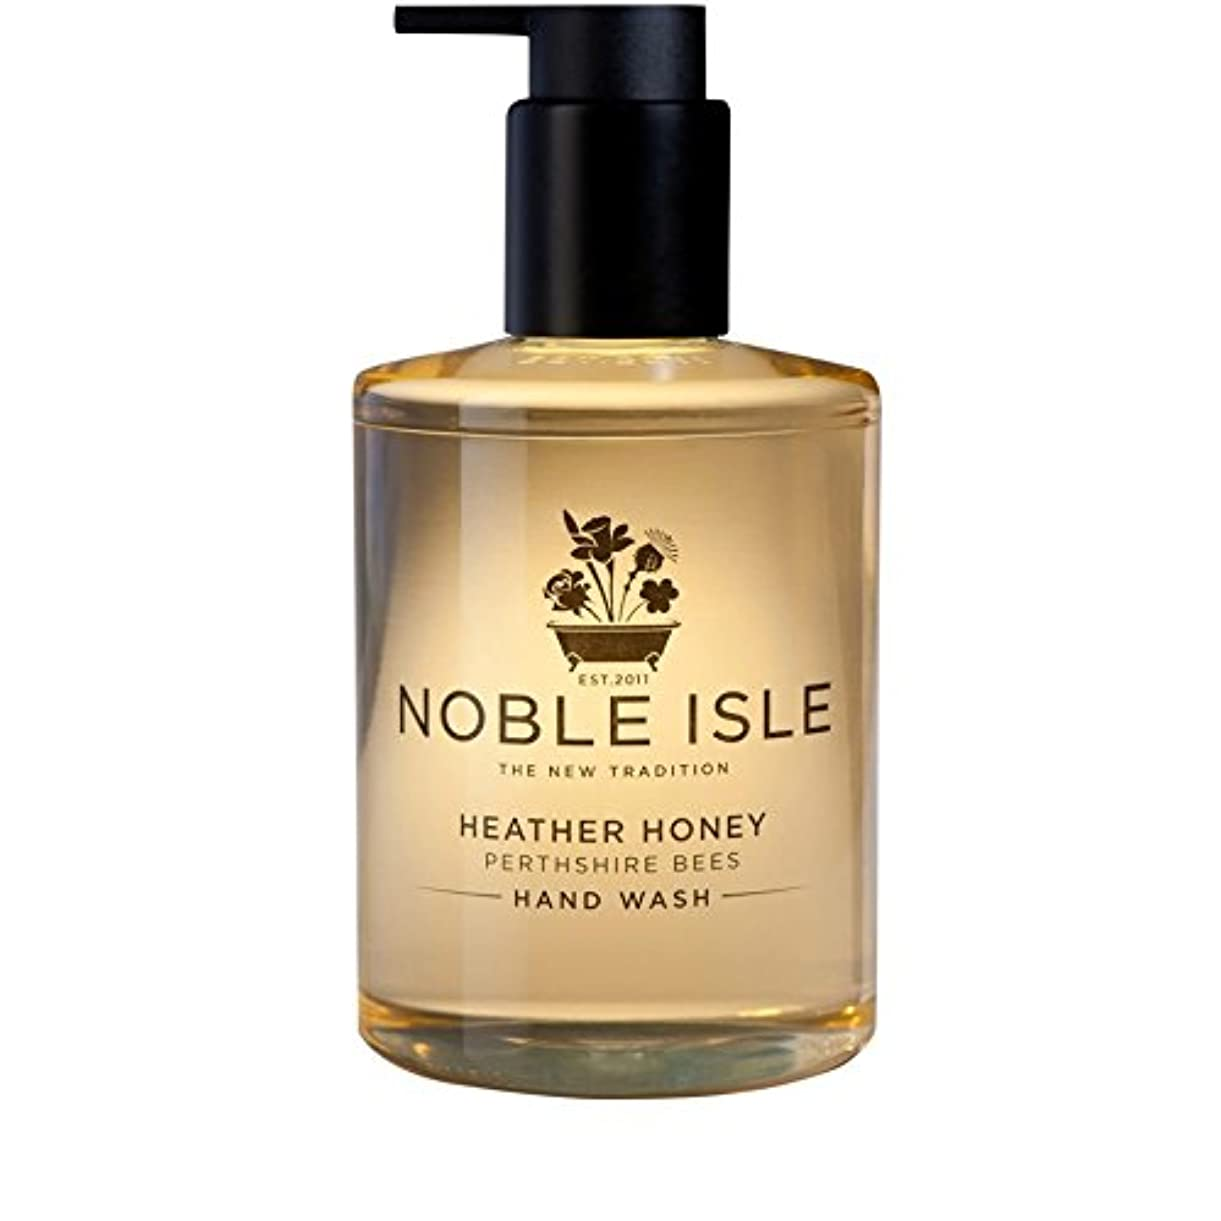 裏切り過言ライバル高貴な島杢蜂蜜パースシャー蜂のハンドウォッシュ250ミリリットル x4 - Noble Isle Heather Honey Perthshire Bees Hand Wash 250ml (Pack of 4) [並行輸入品]